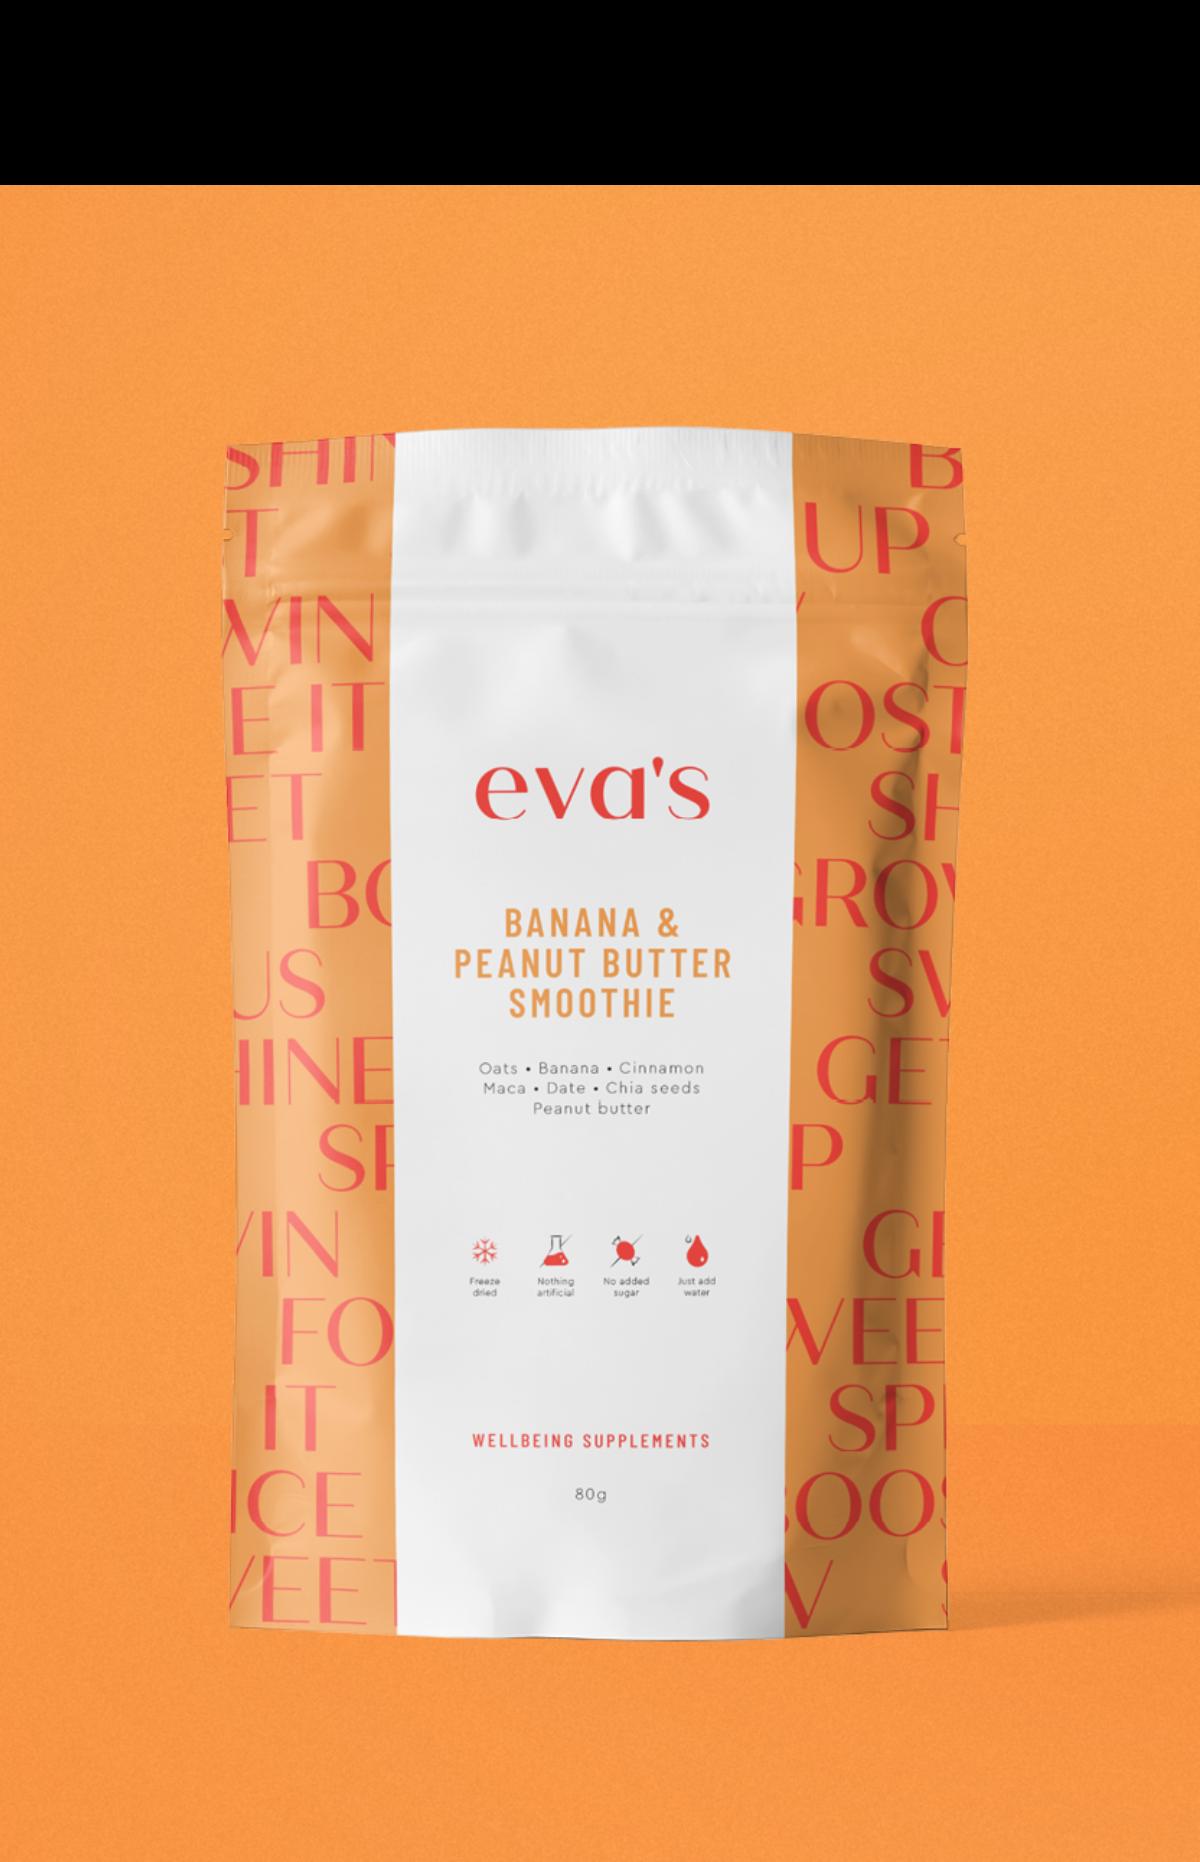 Evas Brand Images 2020 6